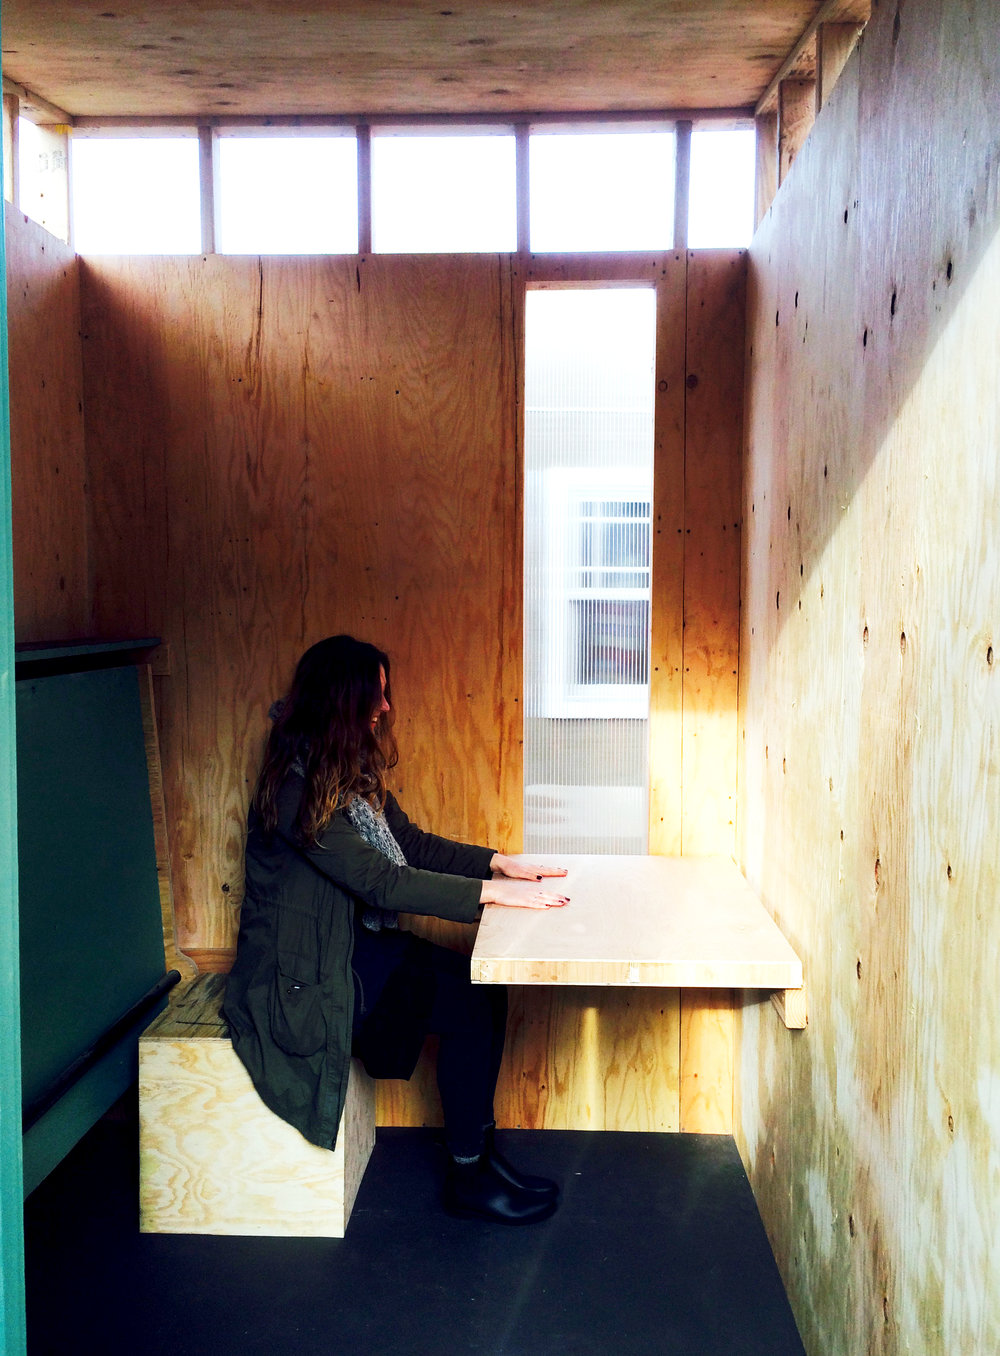 olivia and table on stool.jpg